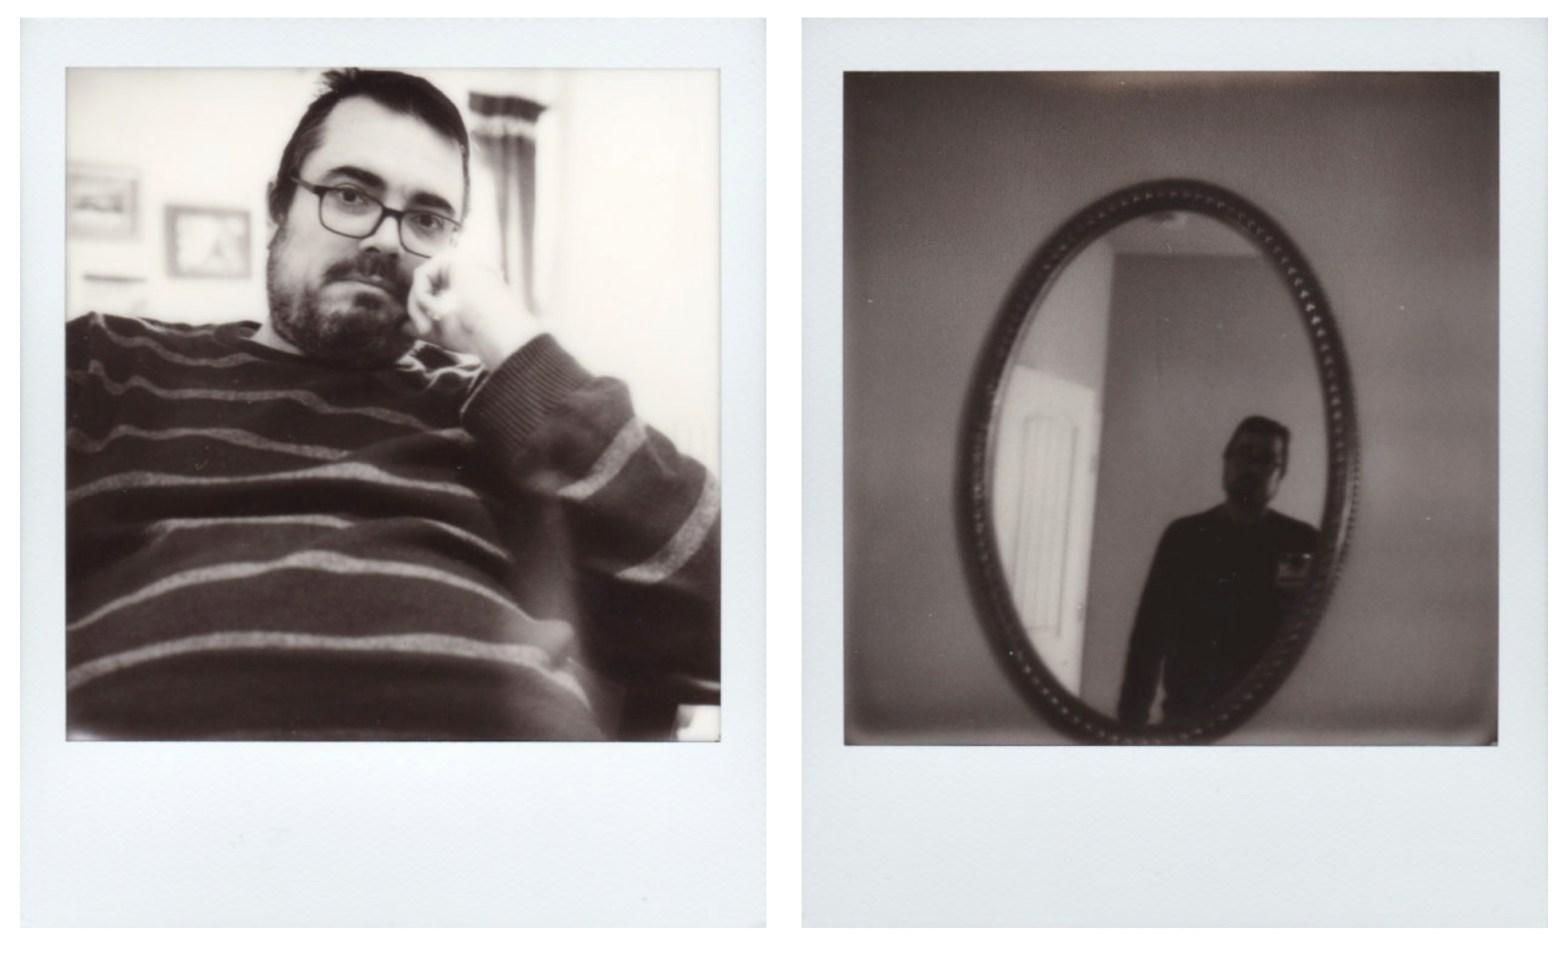 600 vs iType - selfies